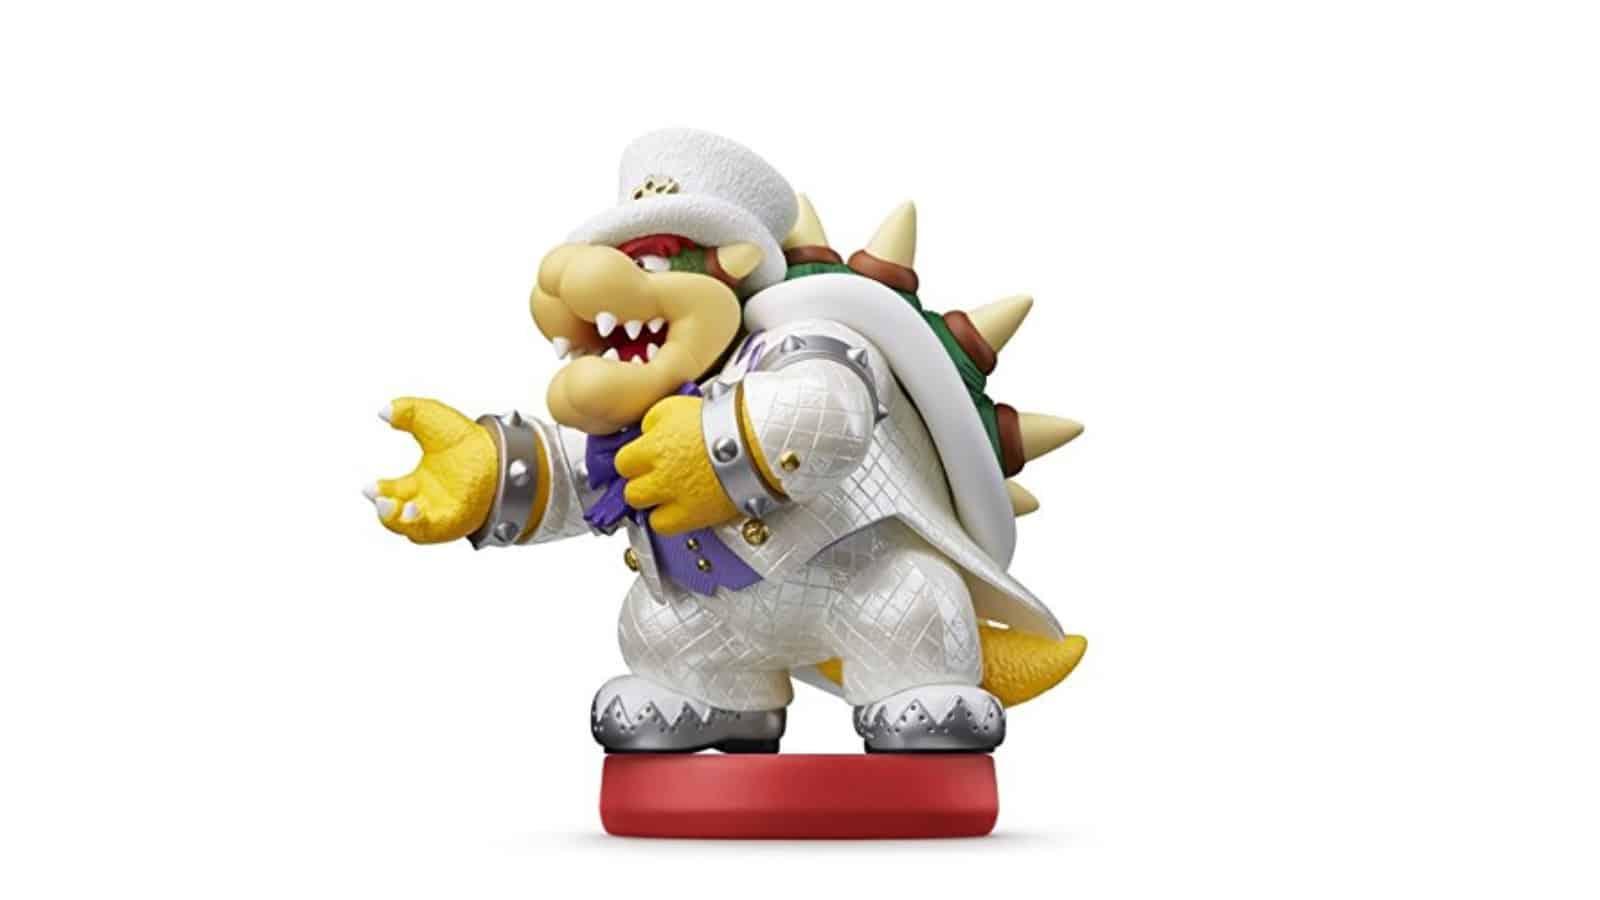 אמיבו - Bowser - חתונה (סדרת Super Mario Odyssey)